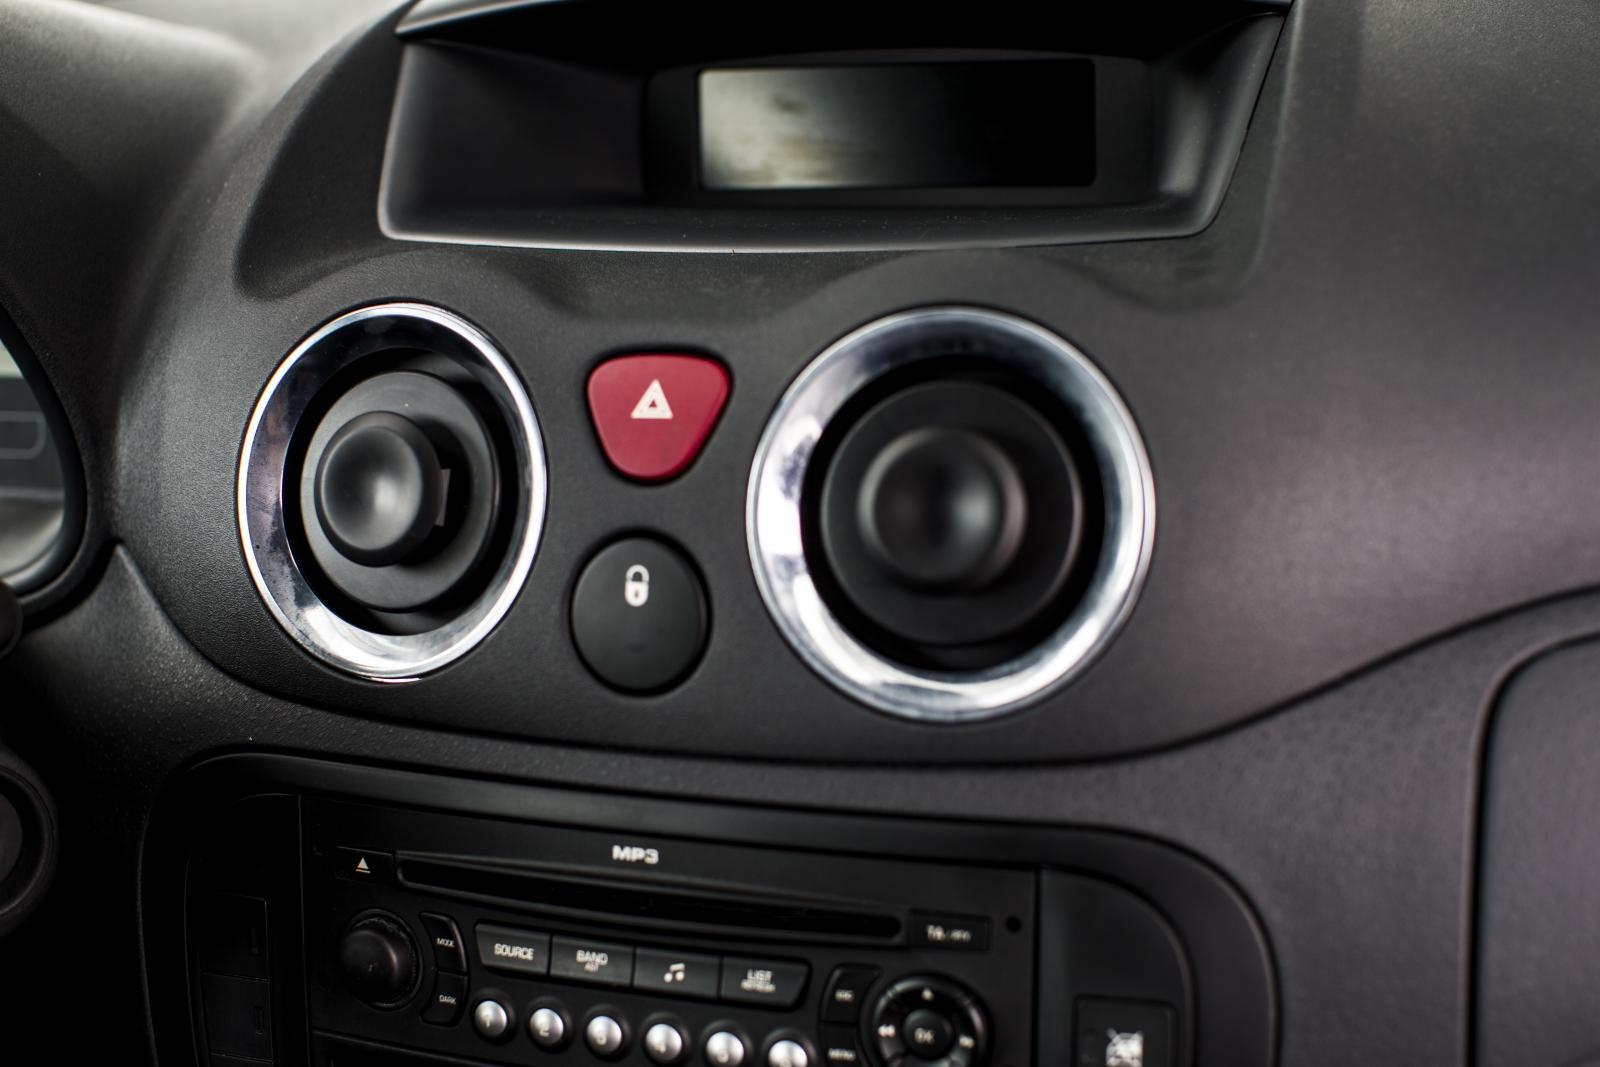 C3 Pluriel console de contrôle